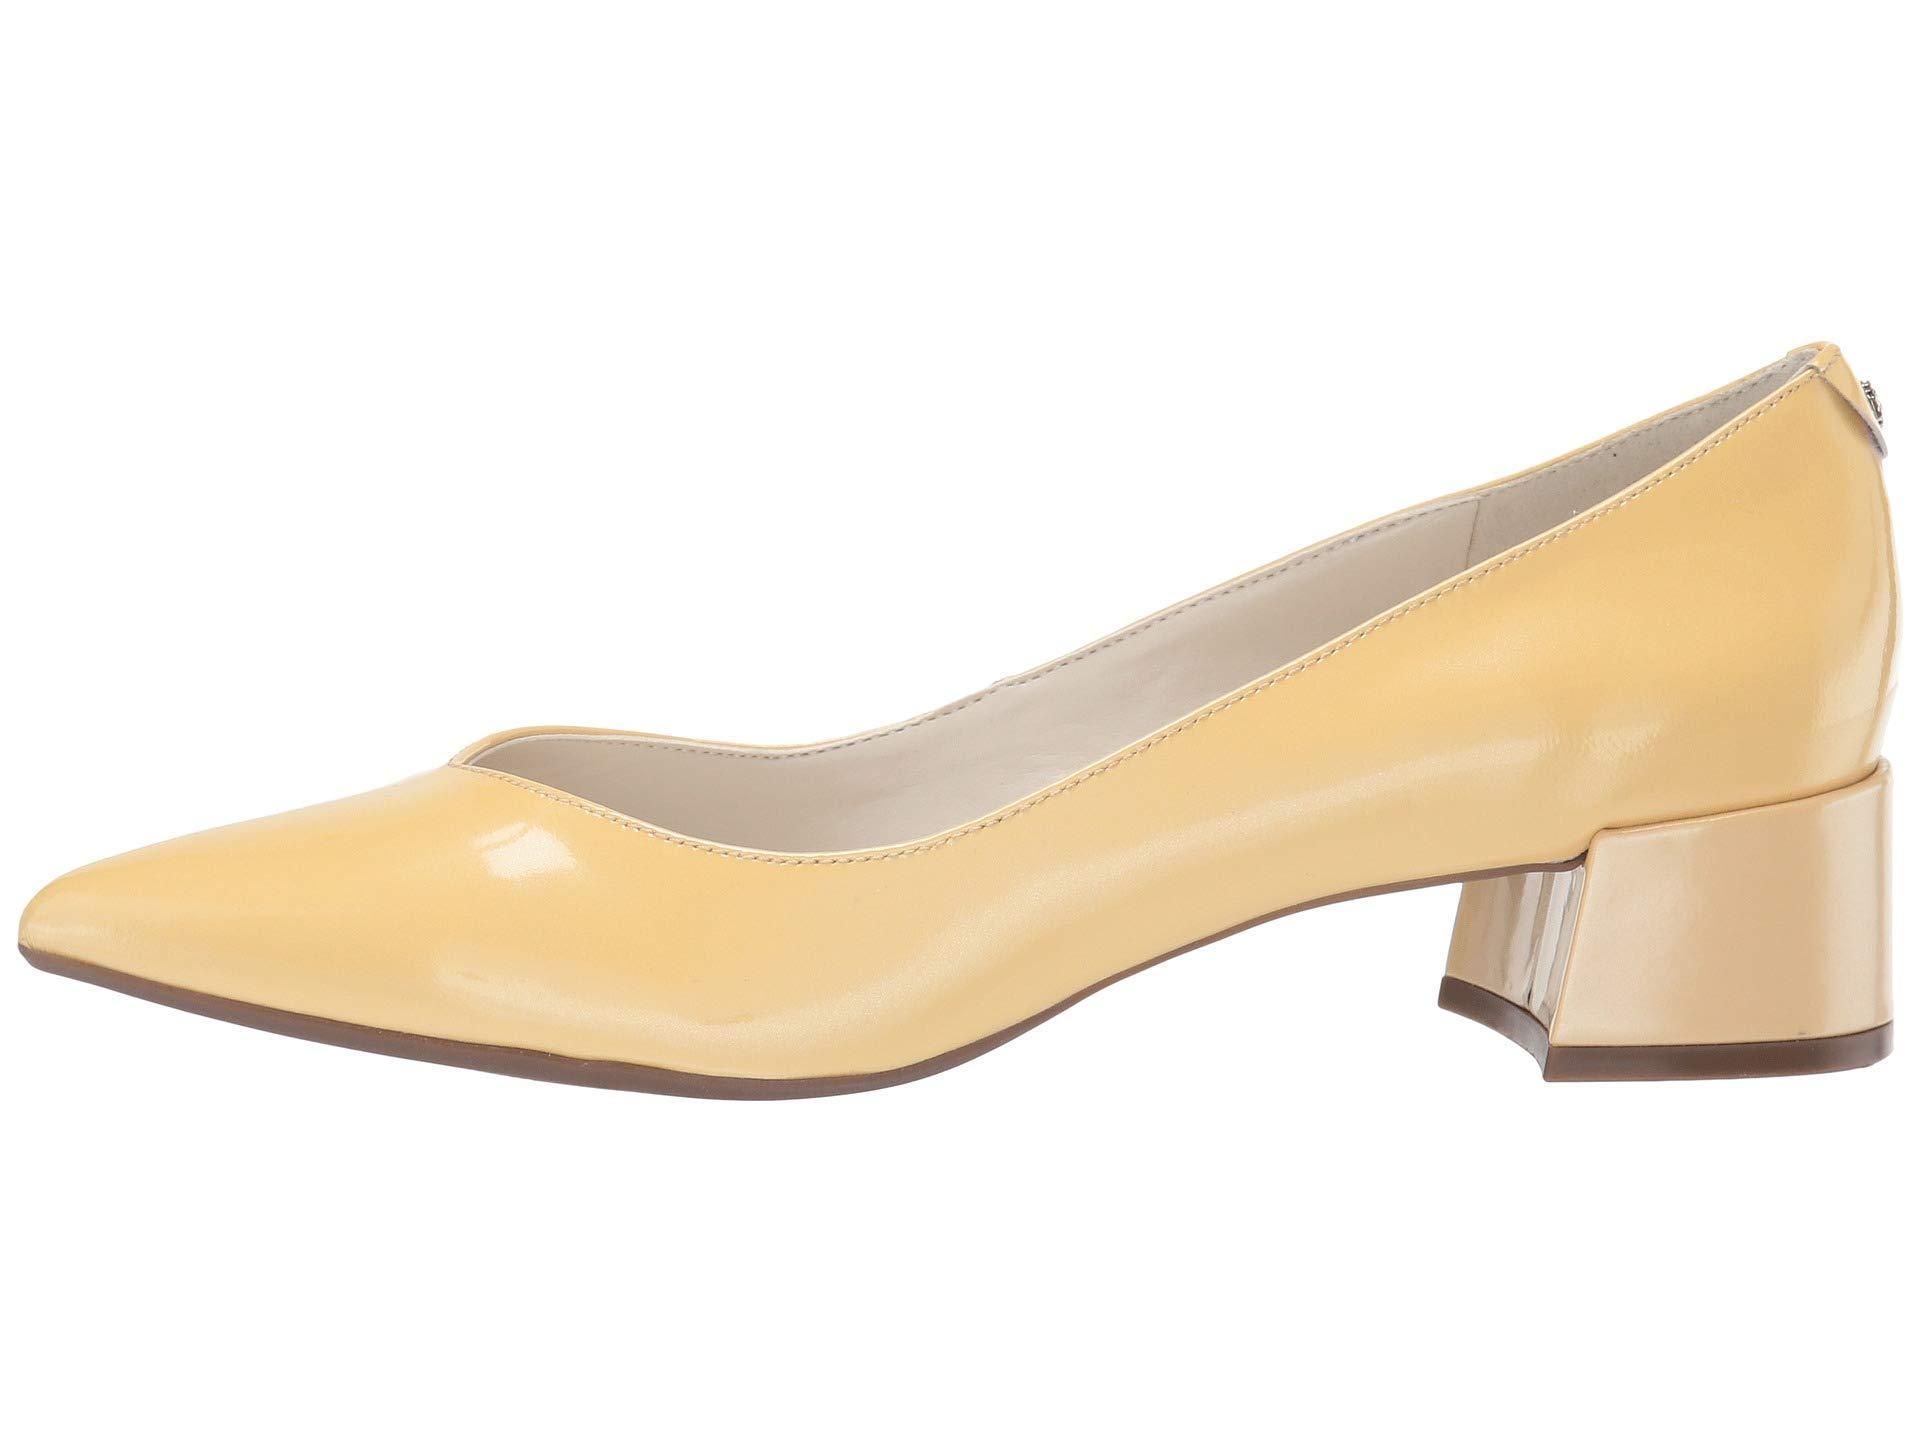 1edcd90a80f9 Lyst - Anne Klein Norwood Block Kitten Heel (light Yellow) Women s Shoes in  Yellow